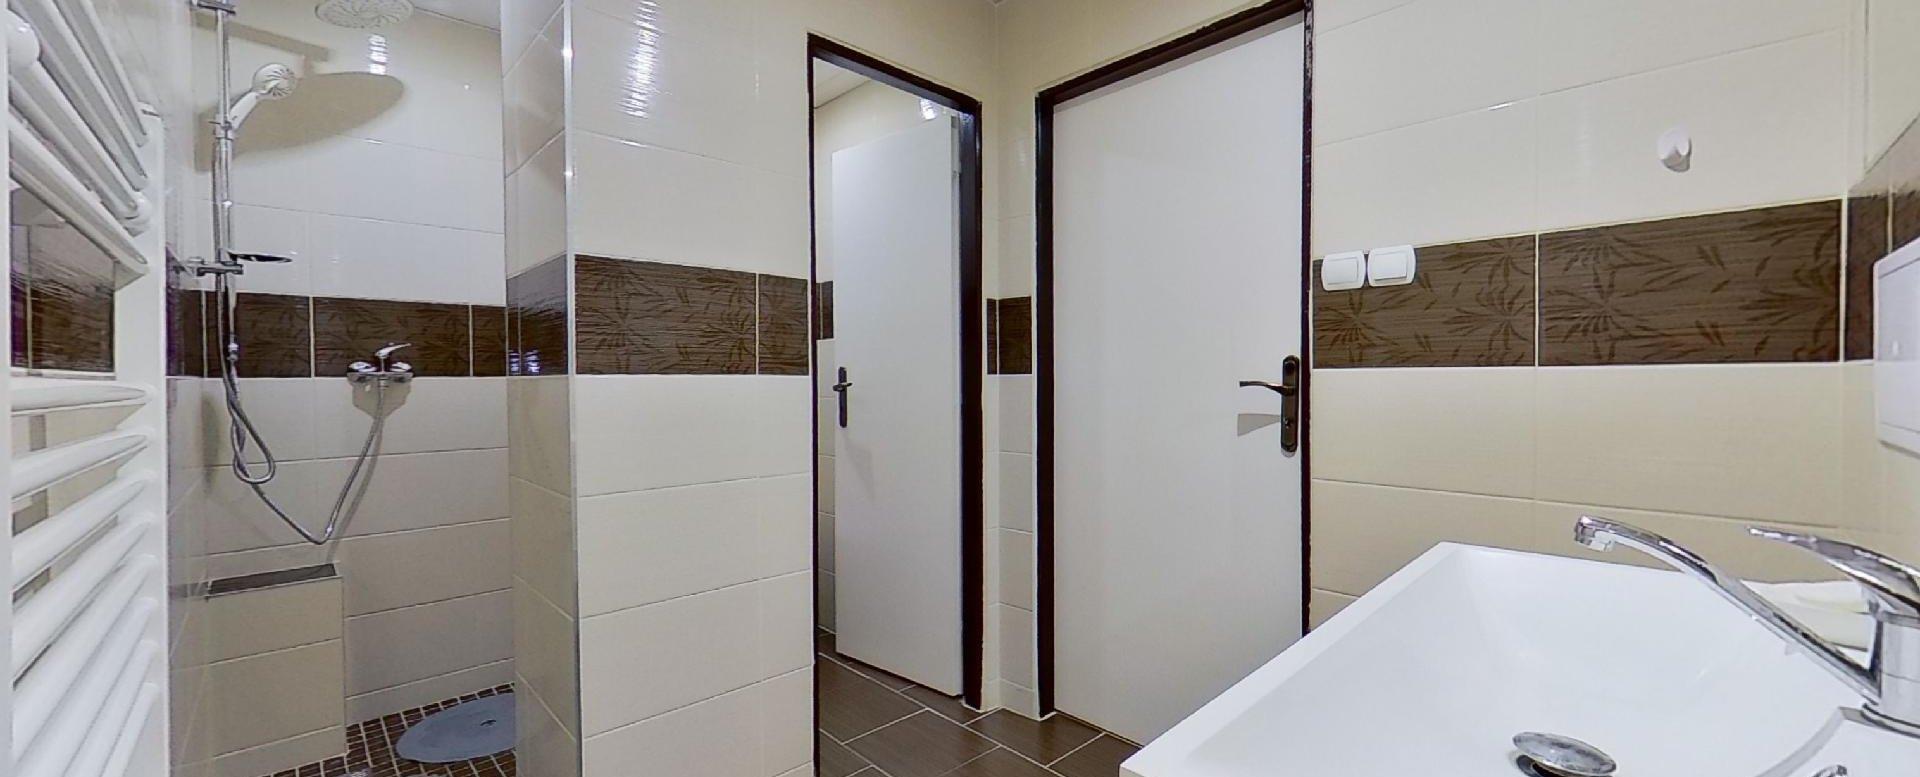 pohľad do sprchy